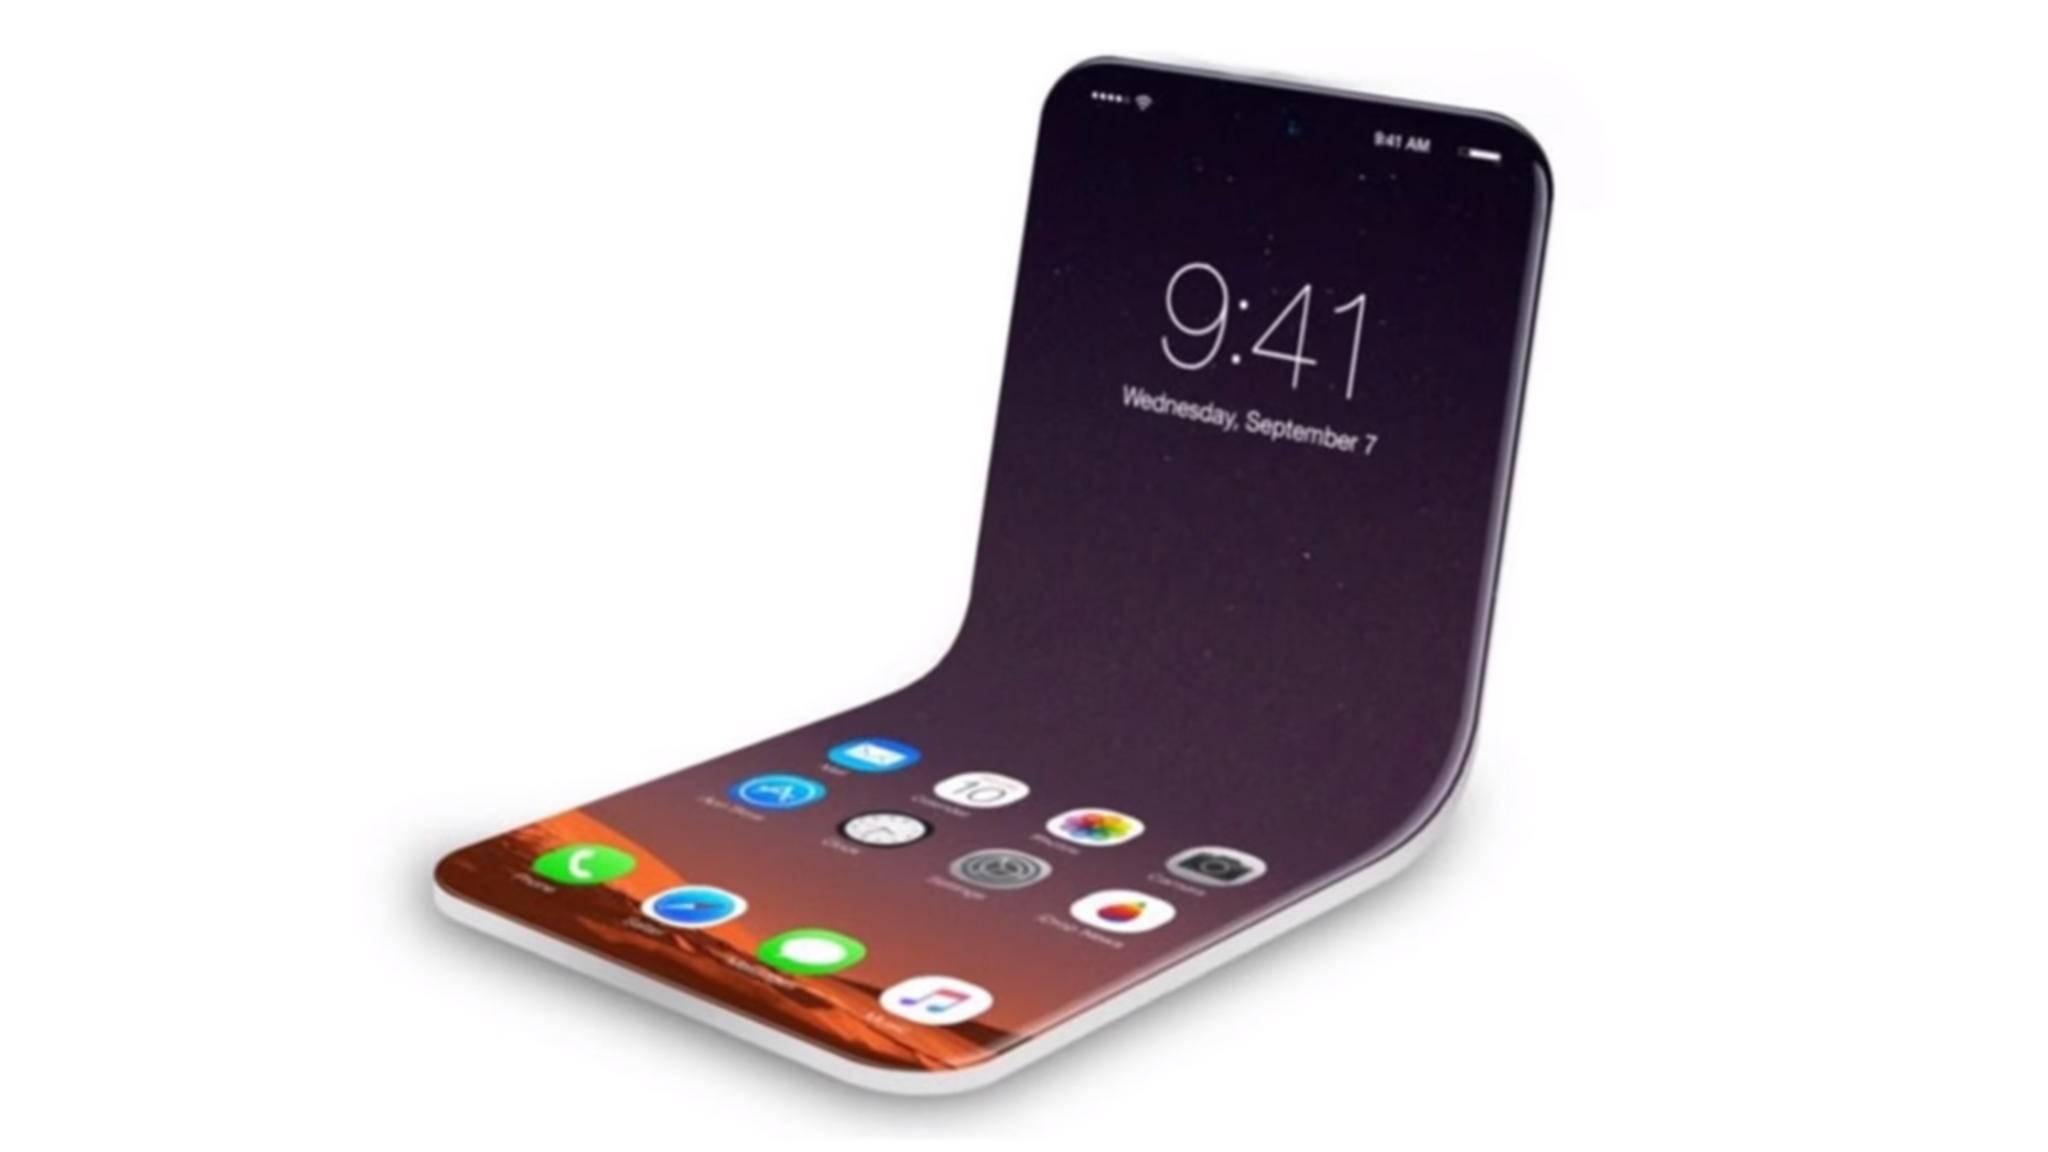 Es gibt diverse Konzepte für ein faltbares iPhone wie beispielsweise dieses Rendering.